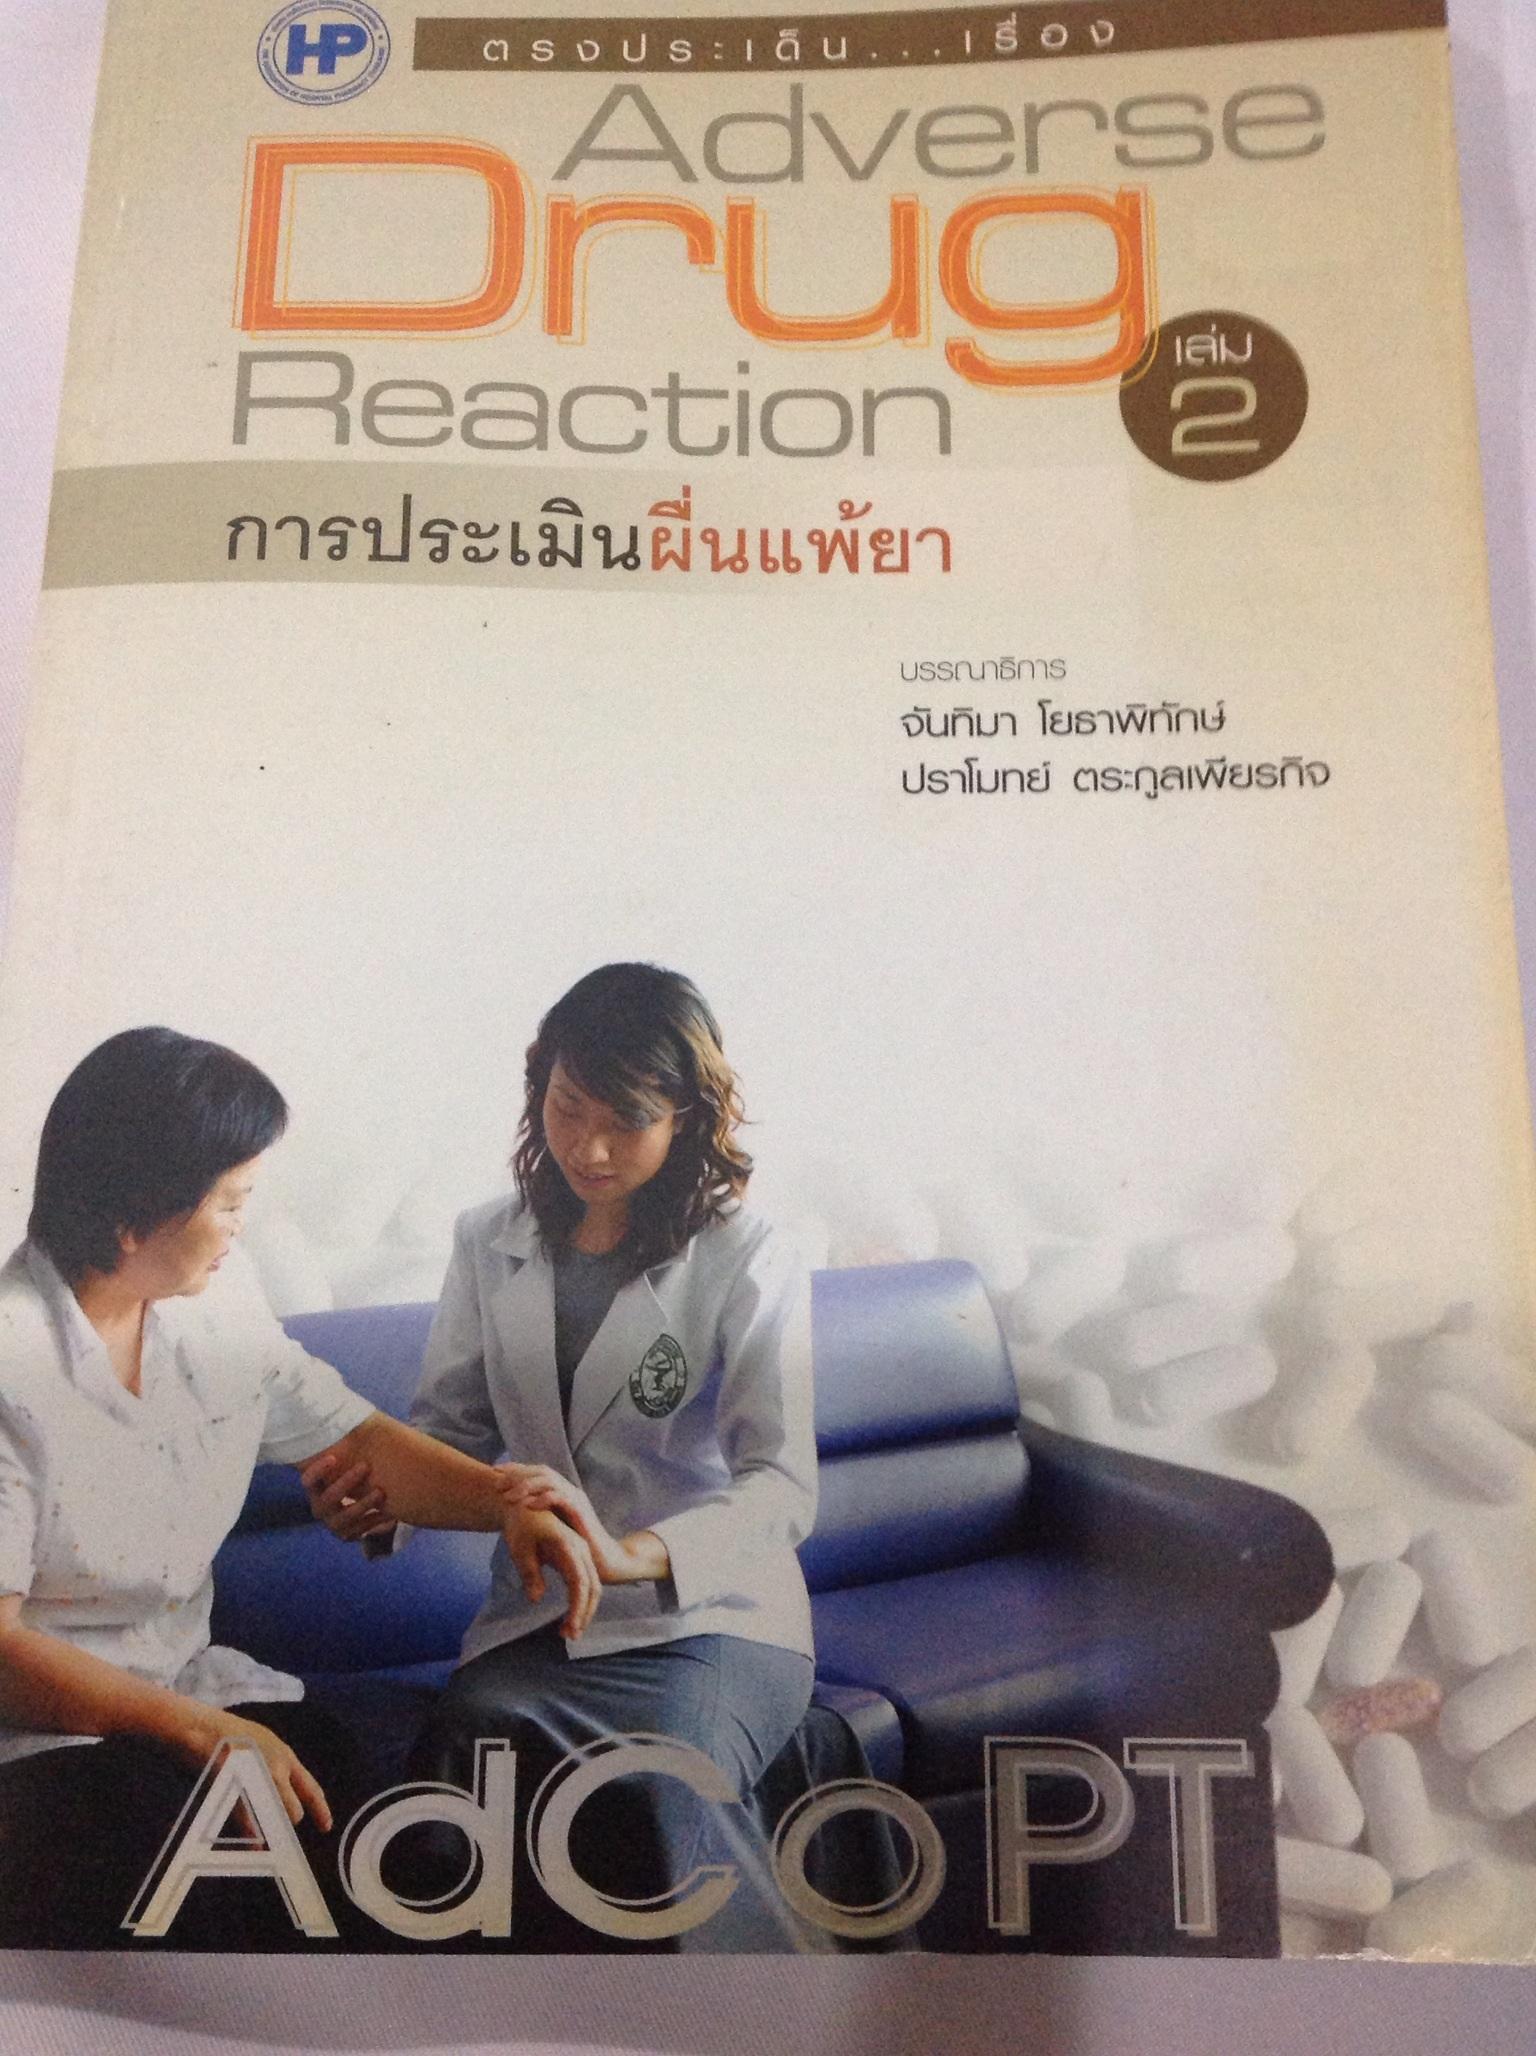 ตรงประเด็น...เรื่อง Adverse Drug Reaction เล่ม 2 การประเมินผื่นแพ้ยา